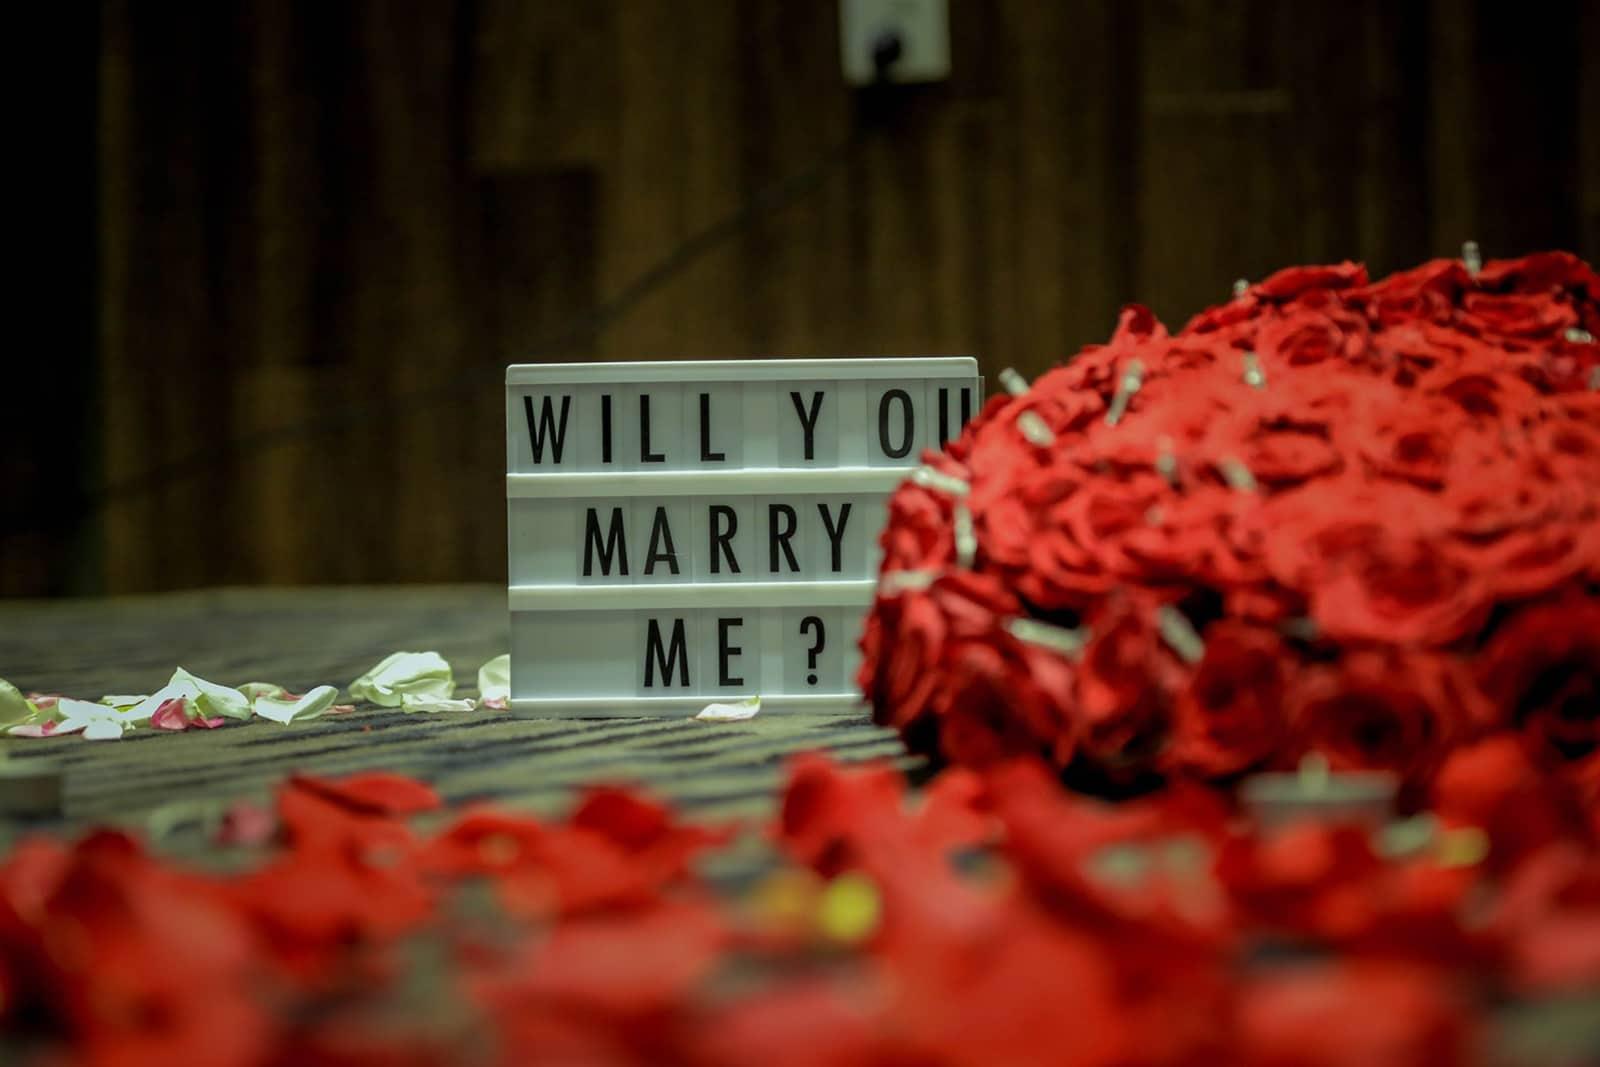 willst du mich heiraten auf dem Leuchtkasten mit roten Rosen ringsum